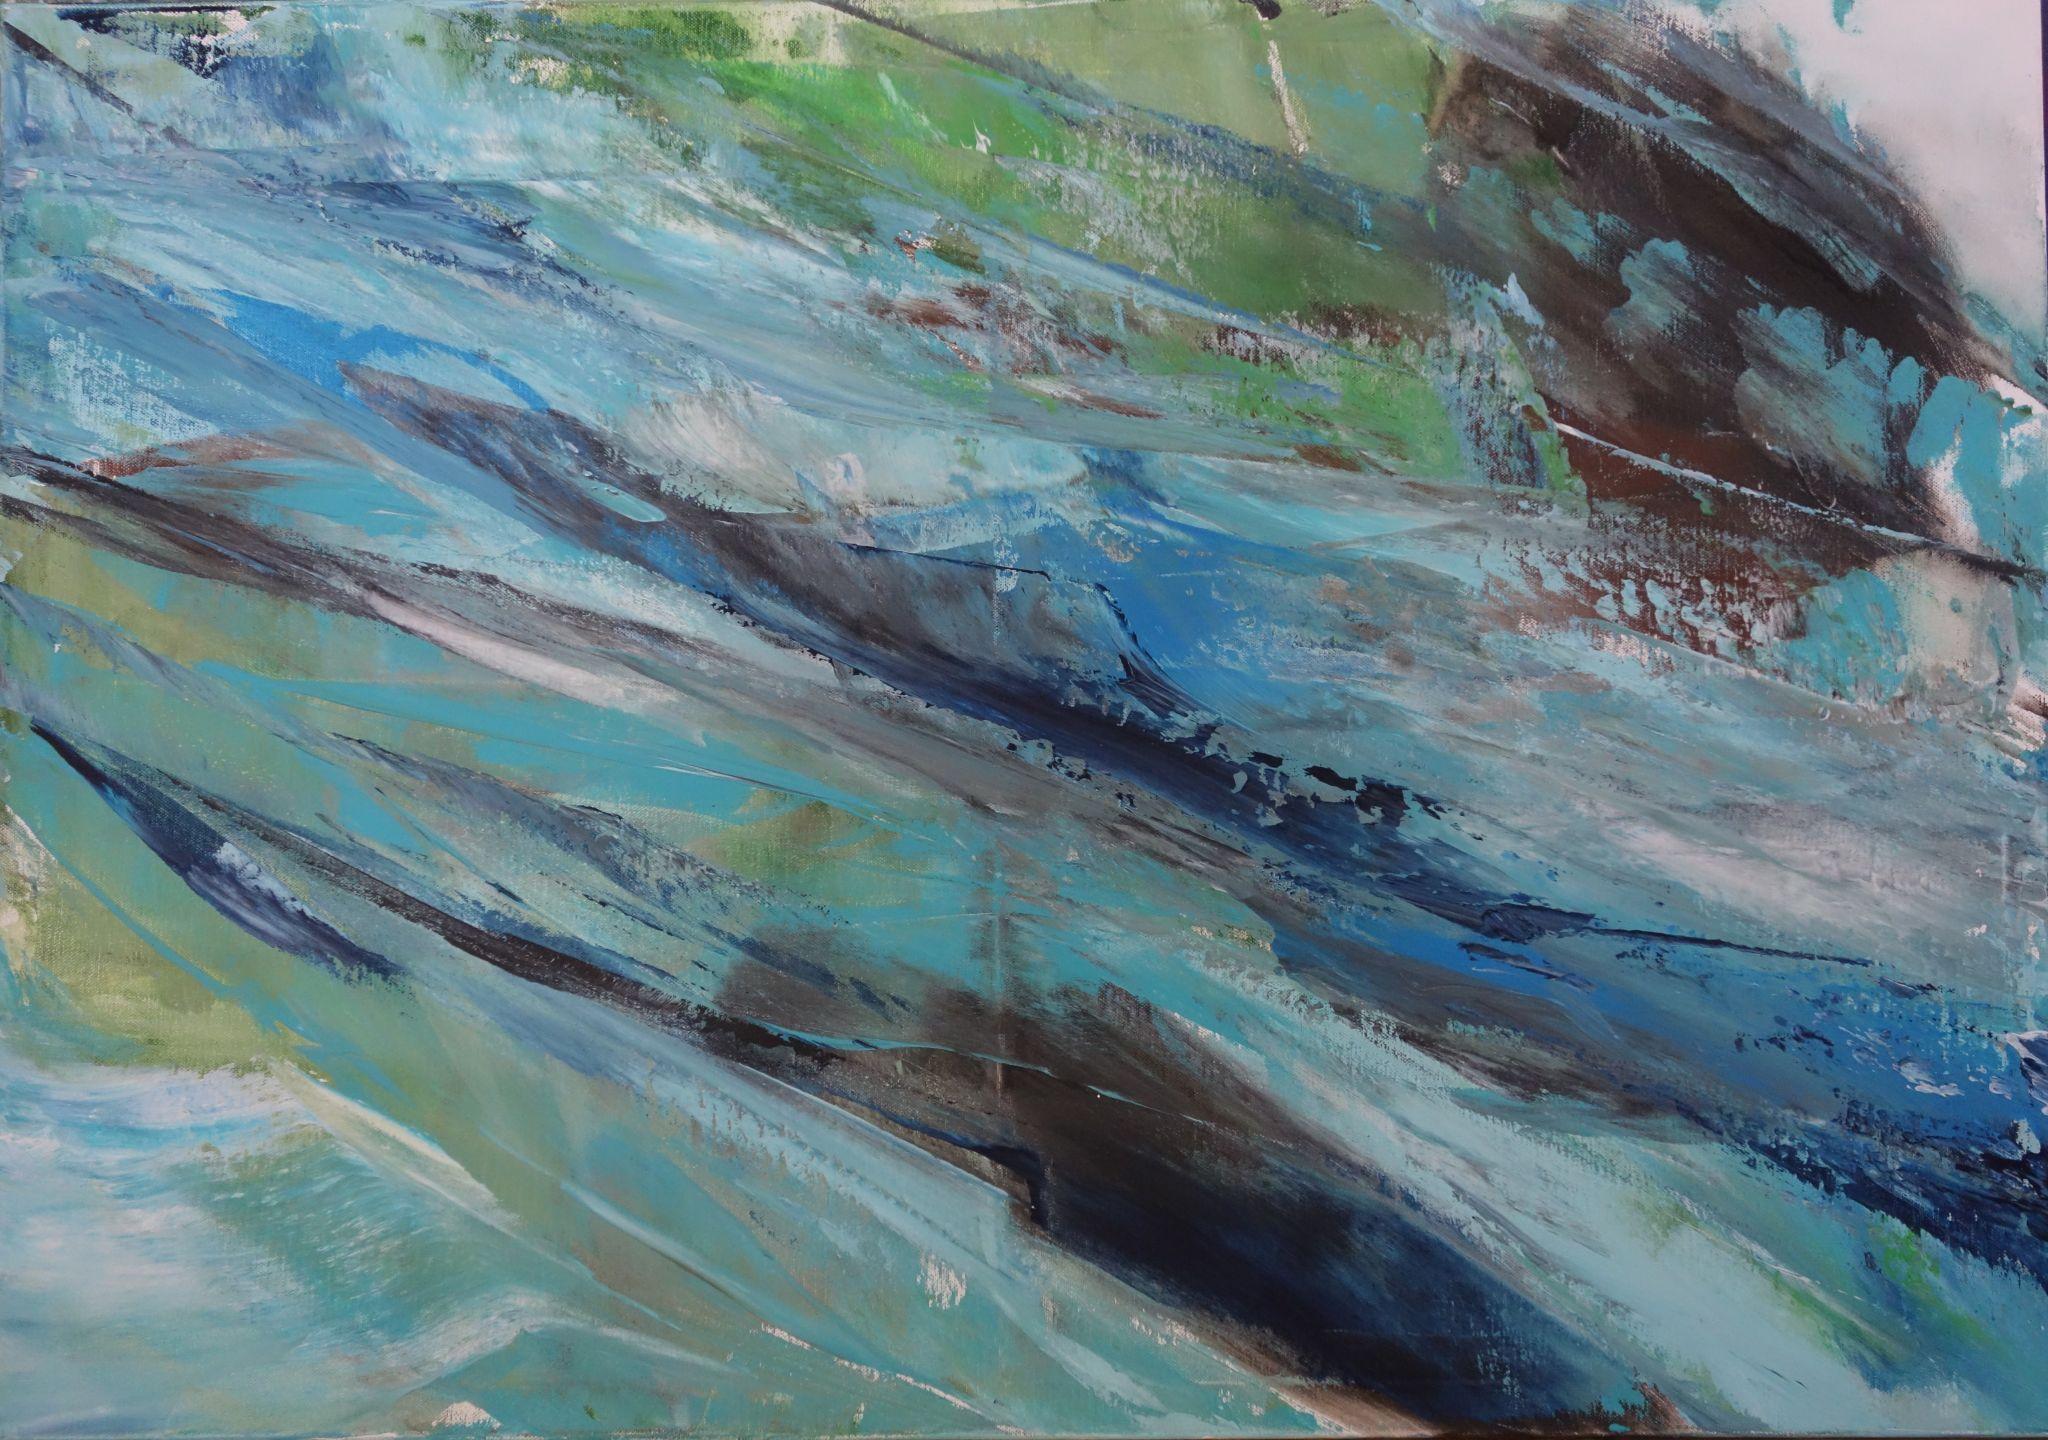 rozvodněná, 70/100 cm, 2015, akryl na plátně